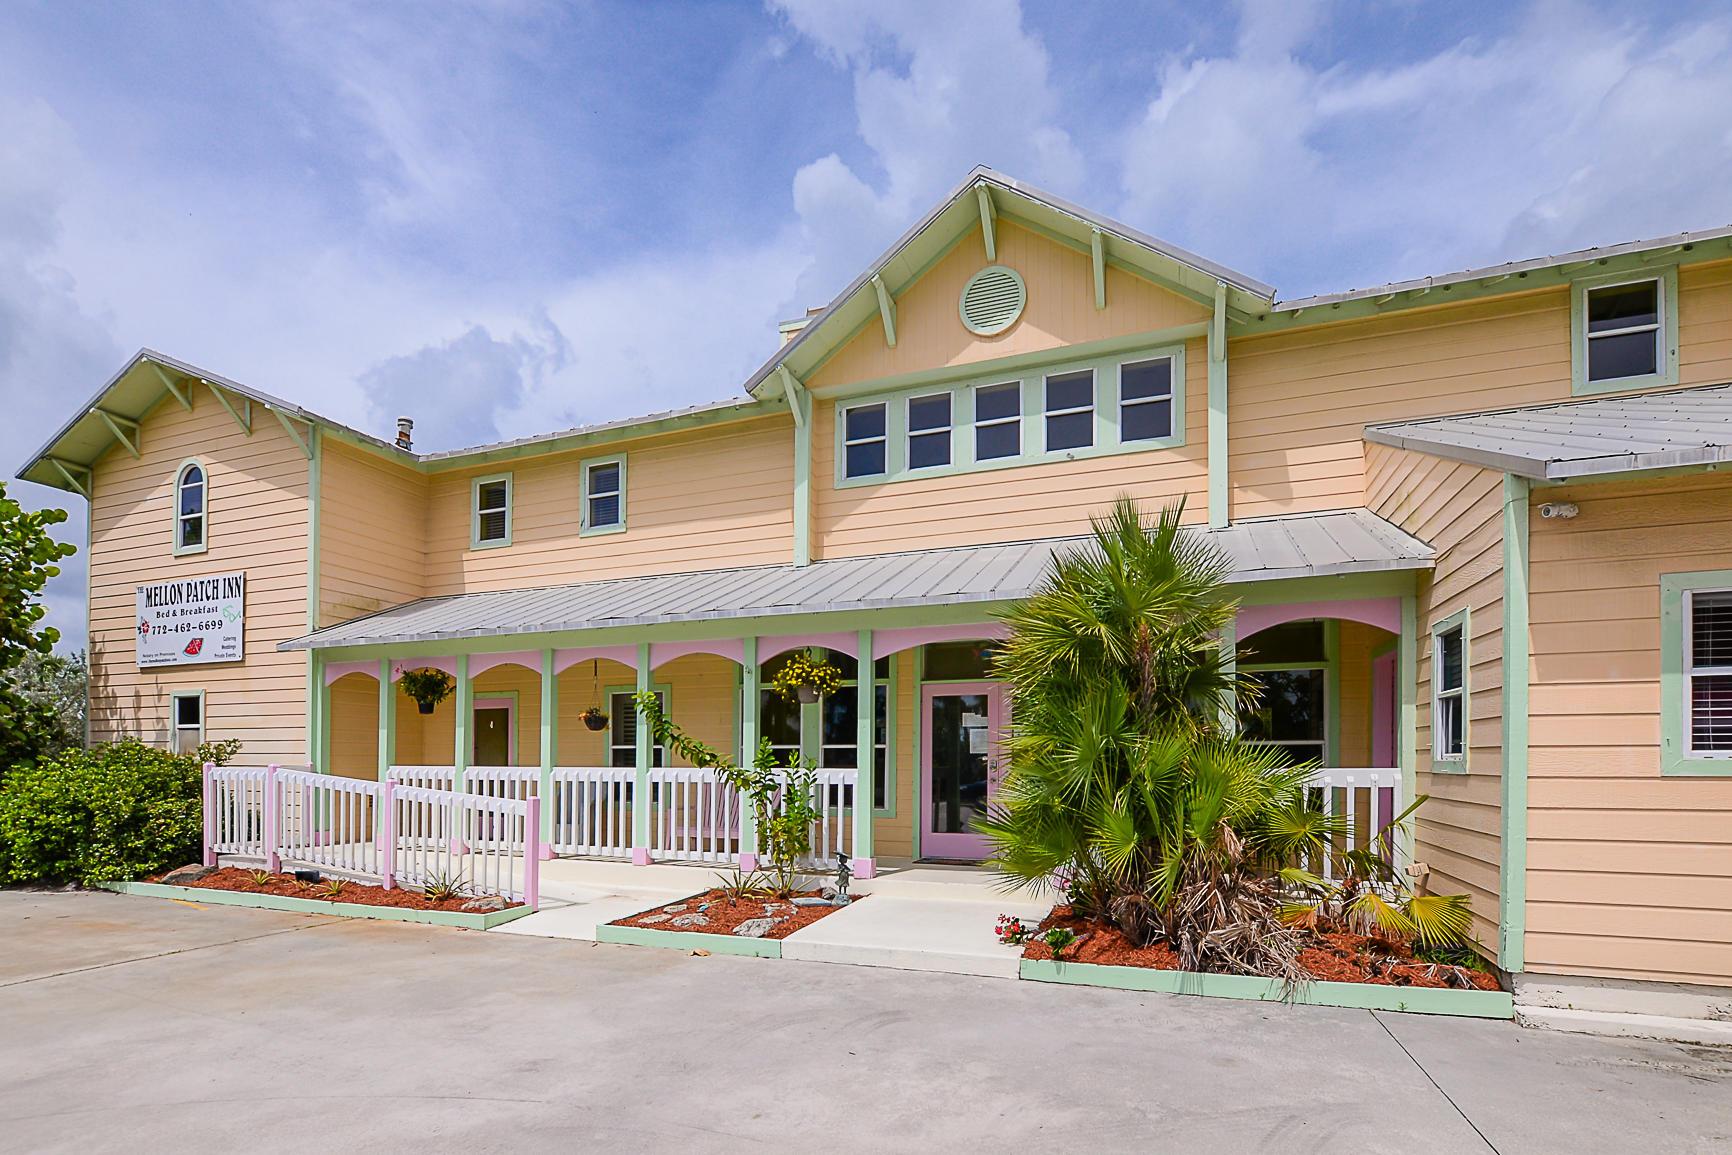 3601 N Highway A1a, Hutchinson Island, Florida 34949